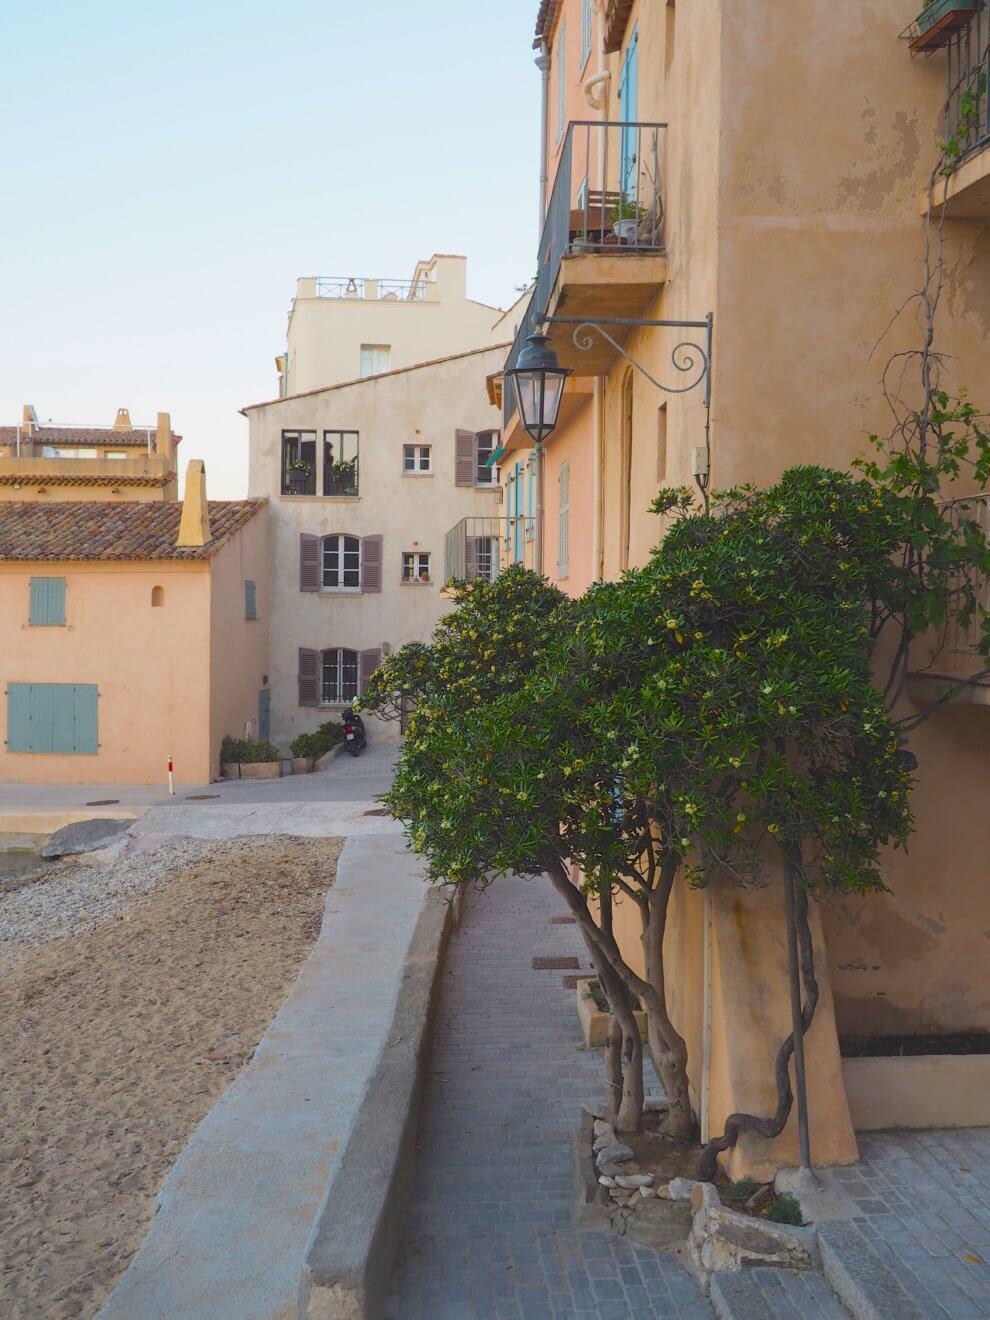 handigste Saint Tropez tips voor aankomende zomer -La Pesquiere budget uiteten Saint Tropez